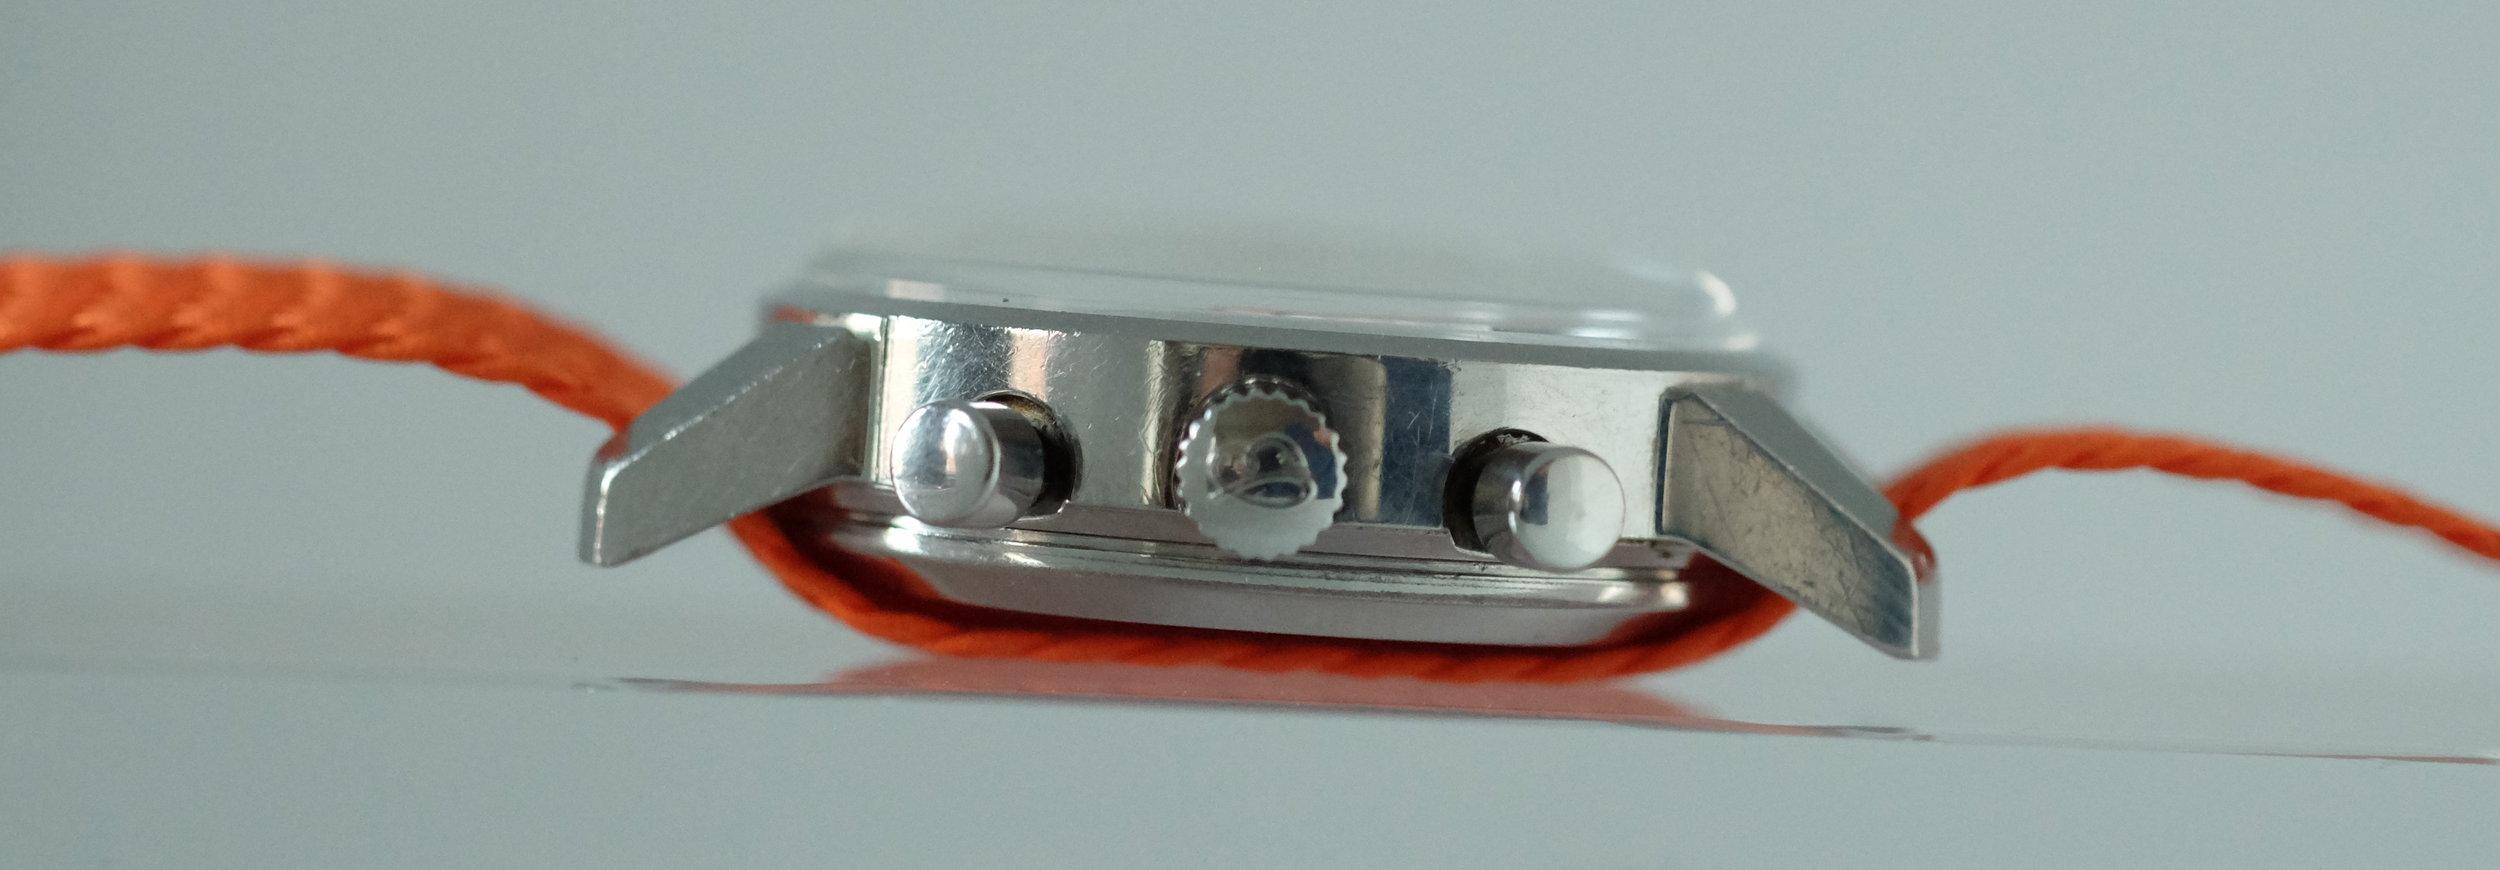 DSCF0651.JPG